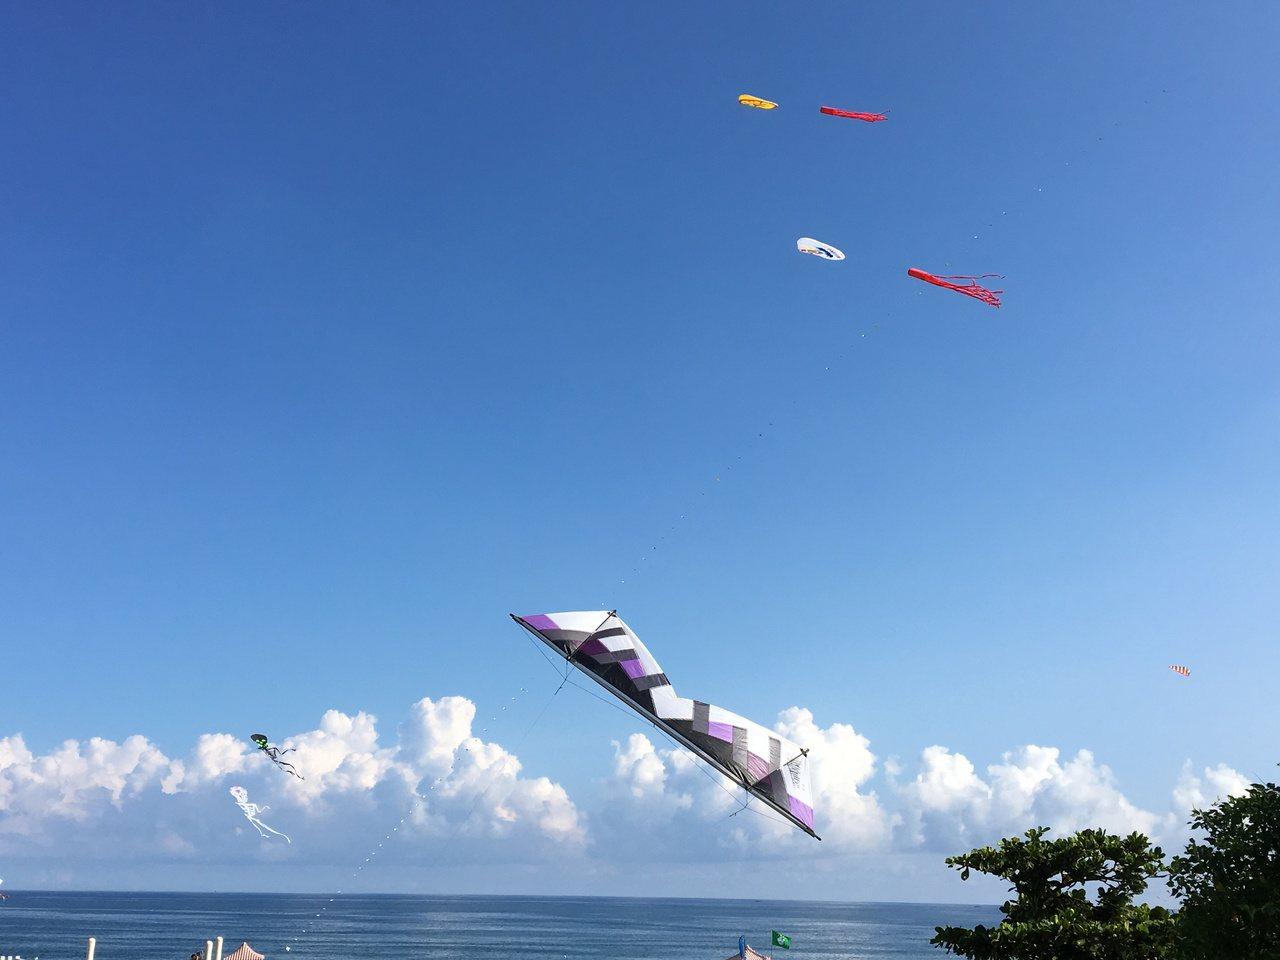 巨大風箏在天空爭奇鬥豔,讓花蓮天空很熱鬧。 記者徐庭揚/攝影